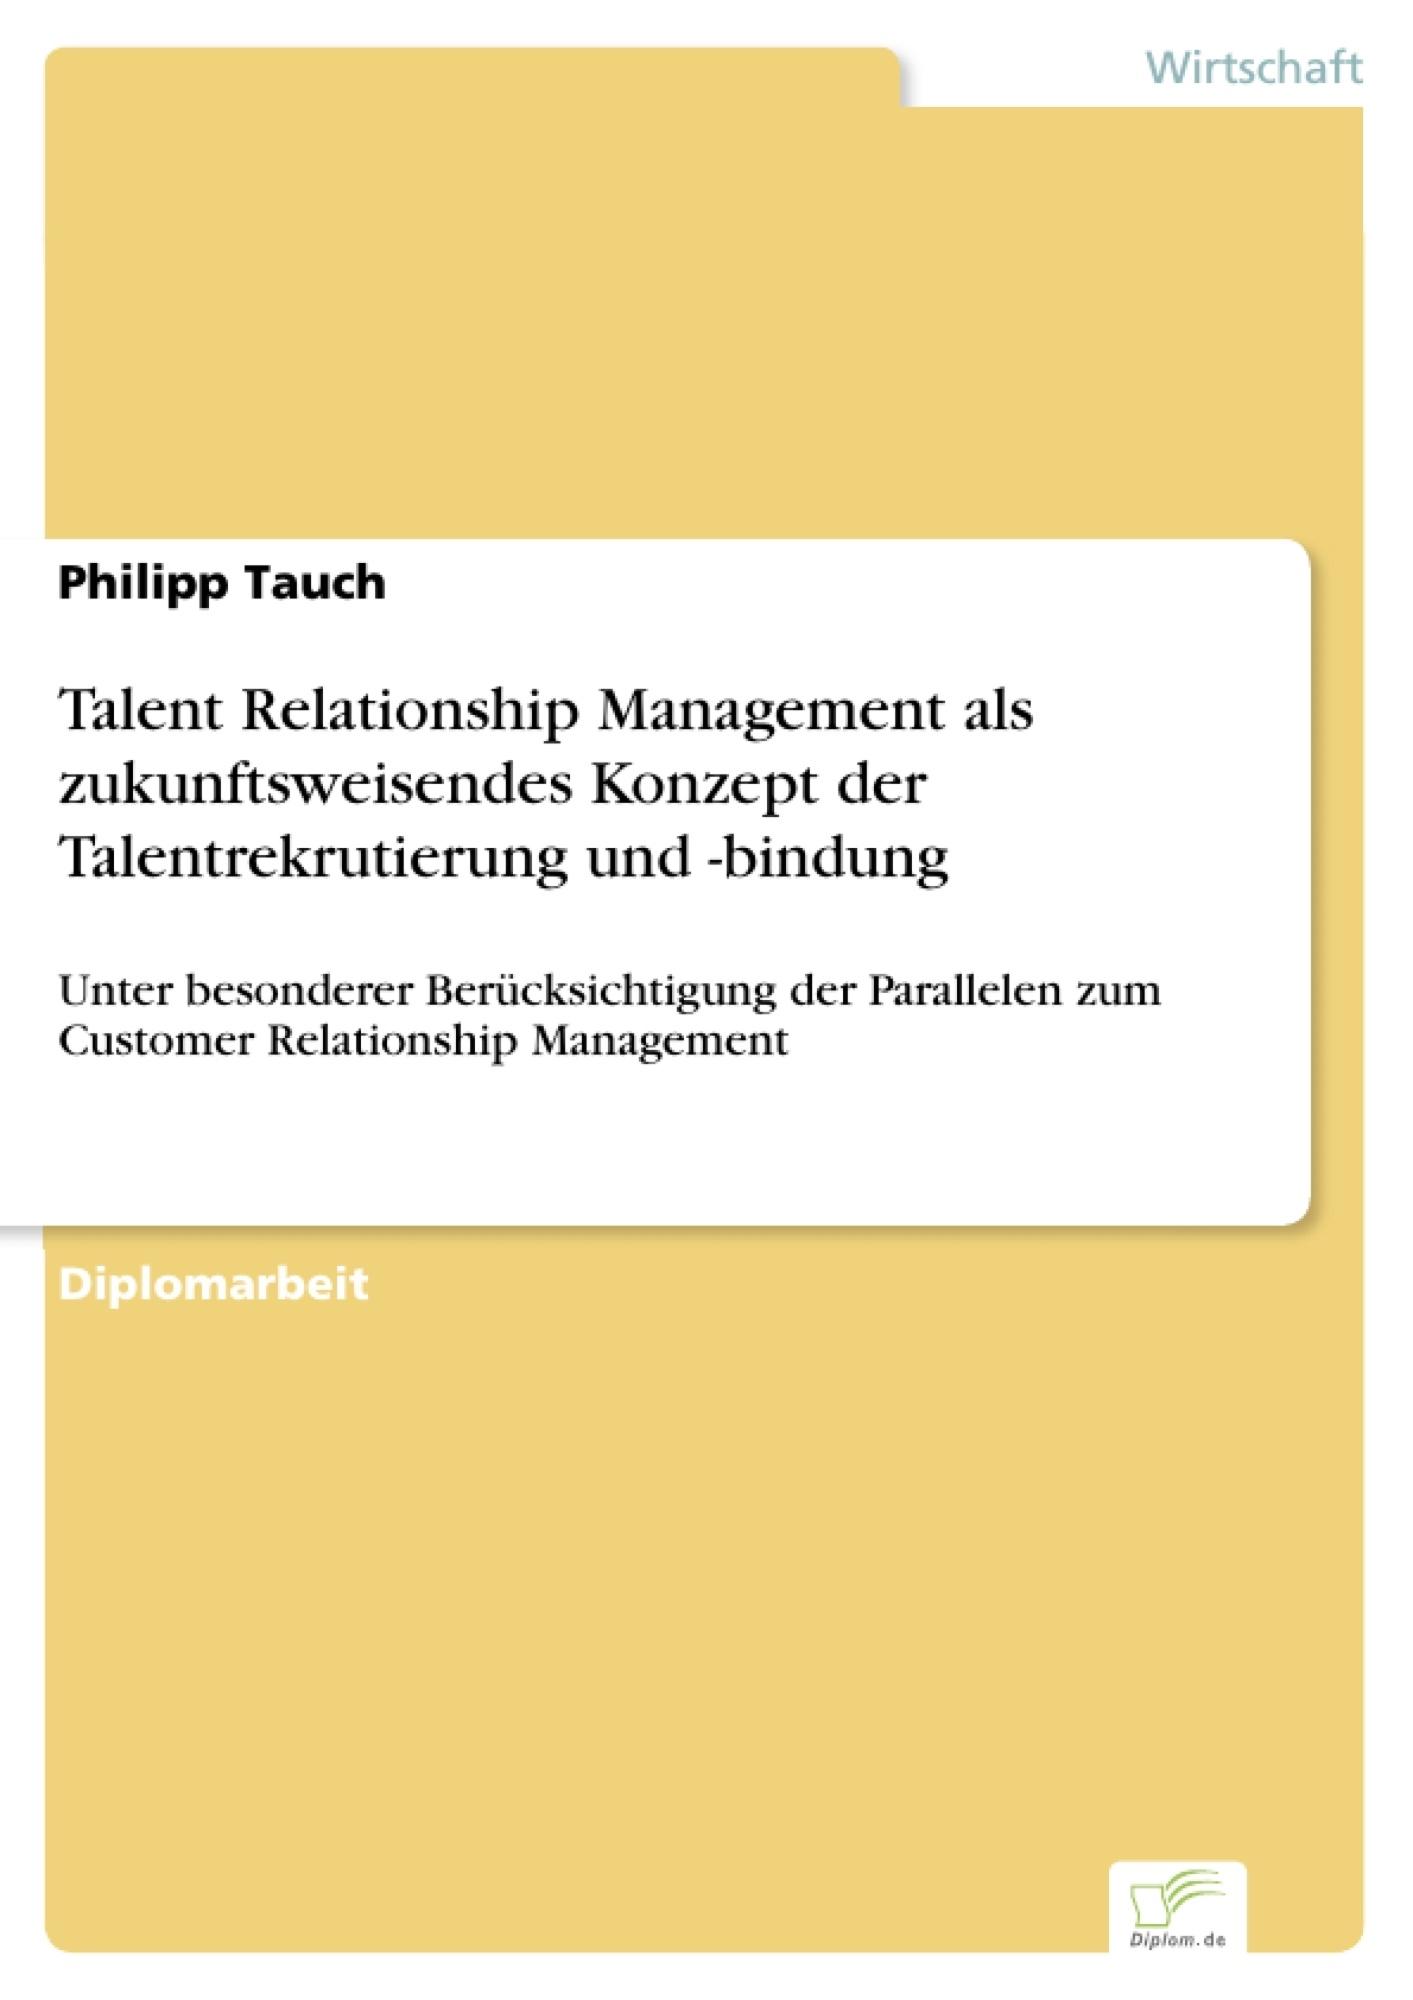 Niedlich Automatisierungstest Strategie Vorlage Galerie - Beispiel ...